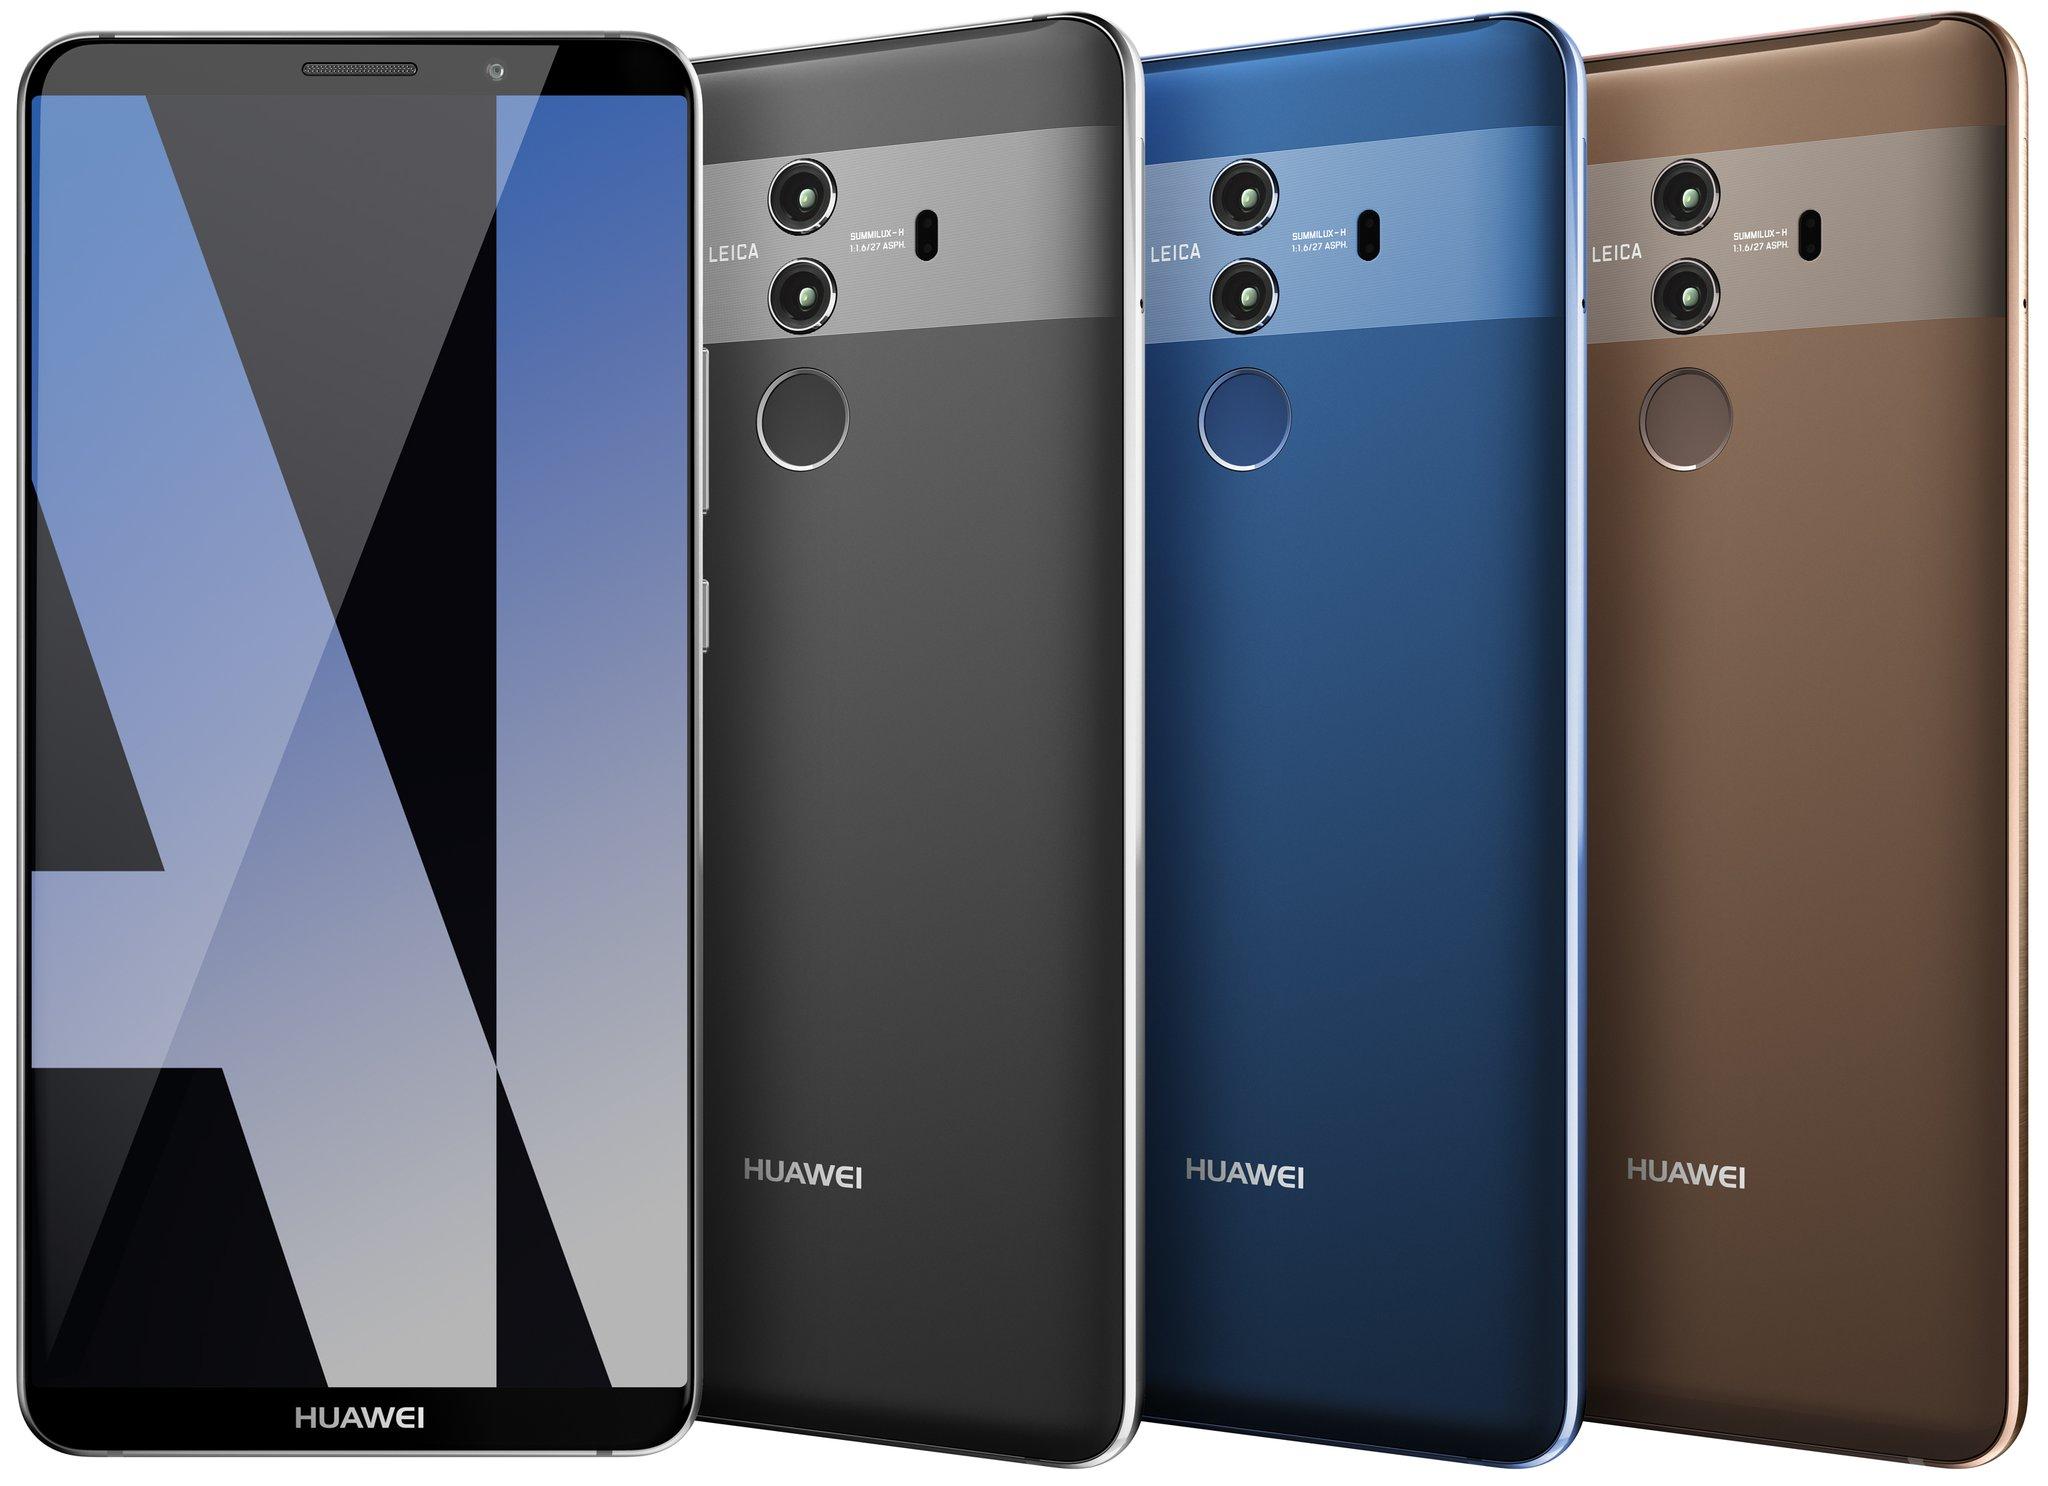 Huawei Mate 20 sẽ có cảm biến vân tay trong màn hình, sạc không dây và Android P?